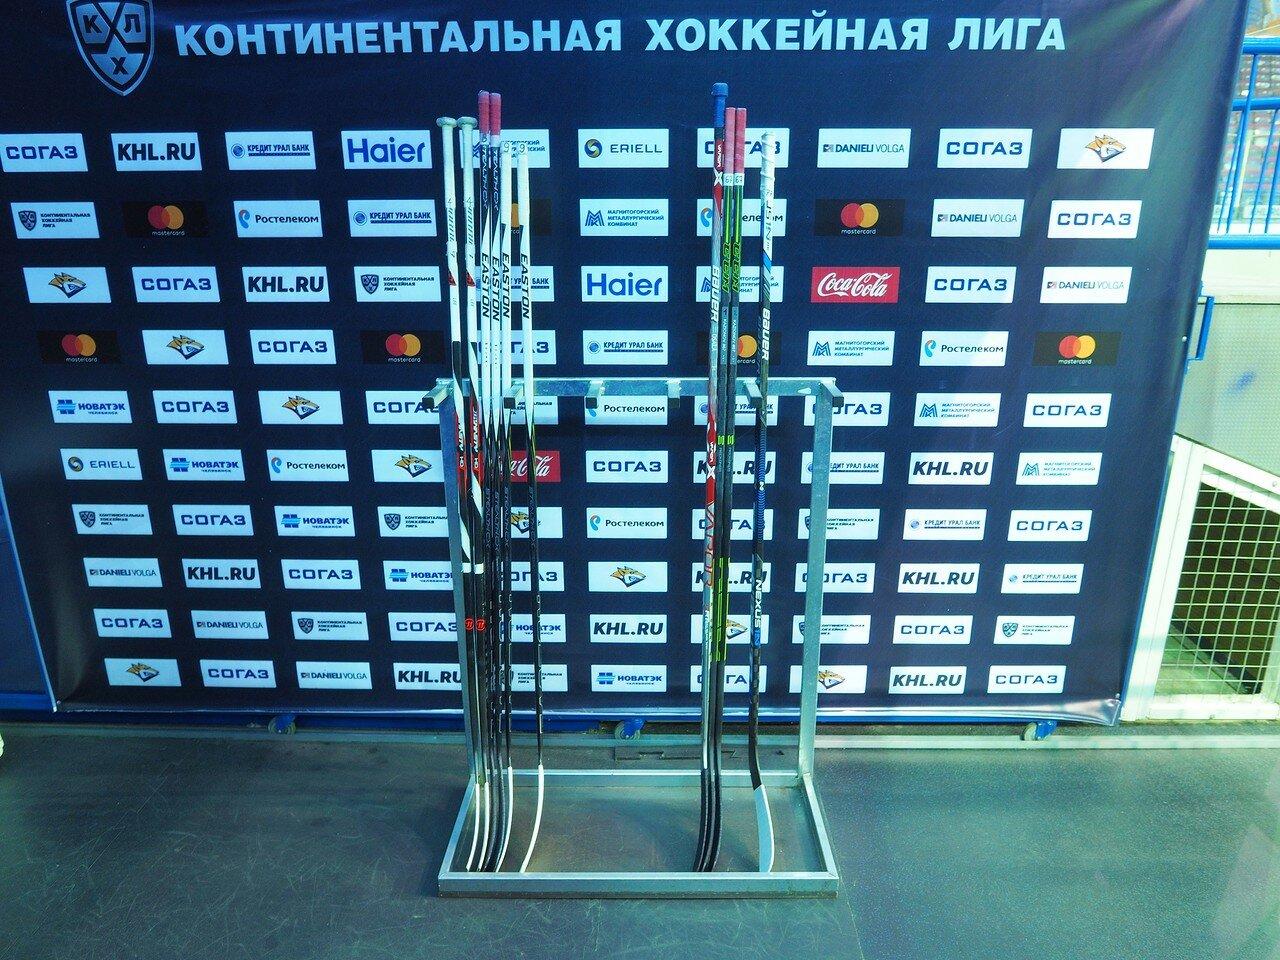 1Металлург - Динамо Минск 13.09.2016